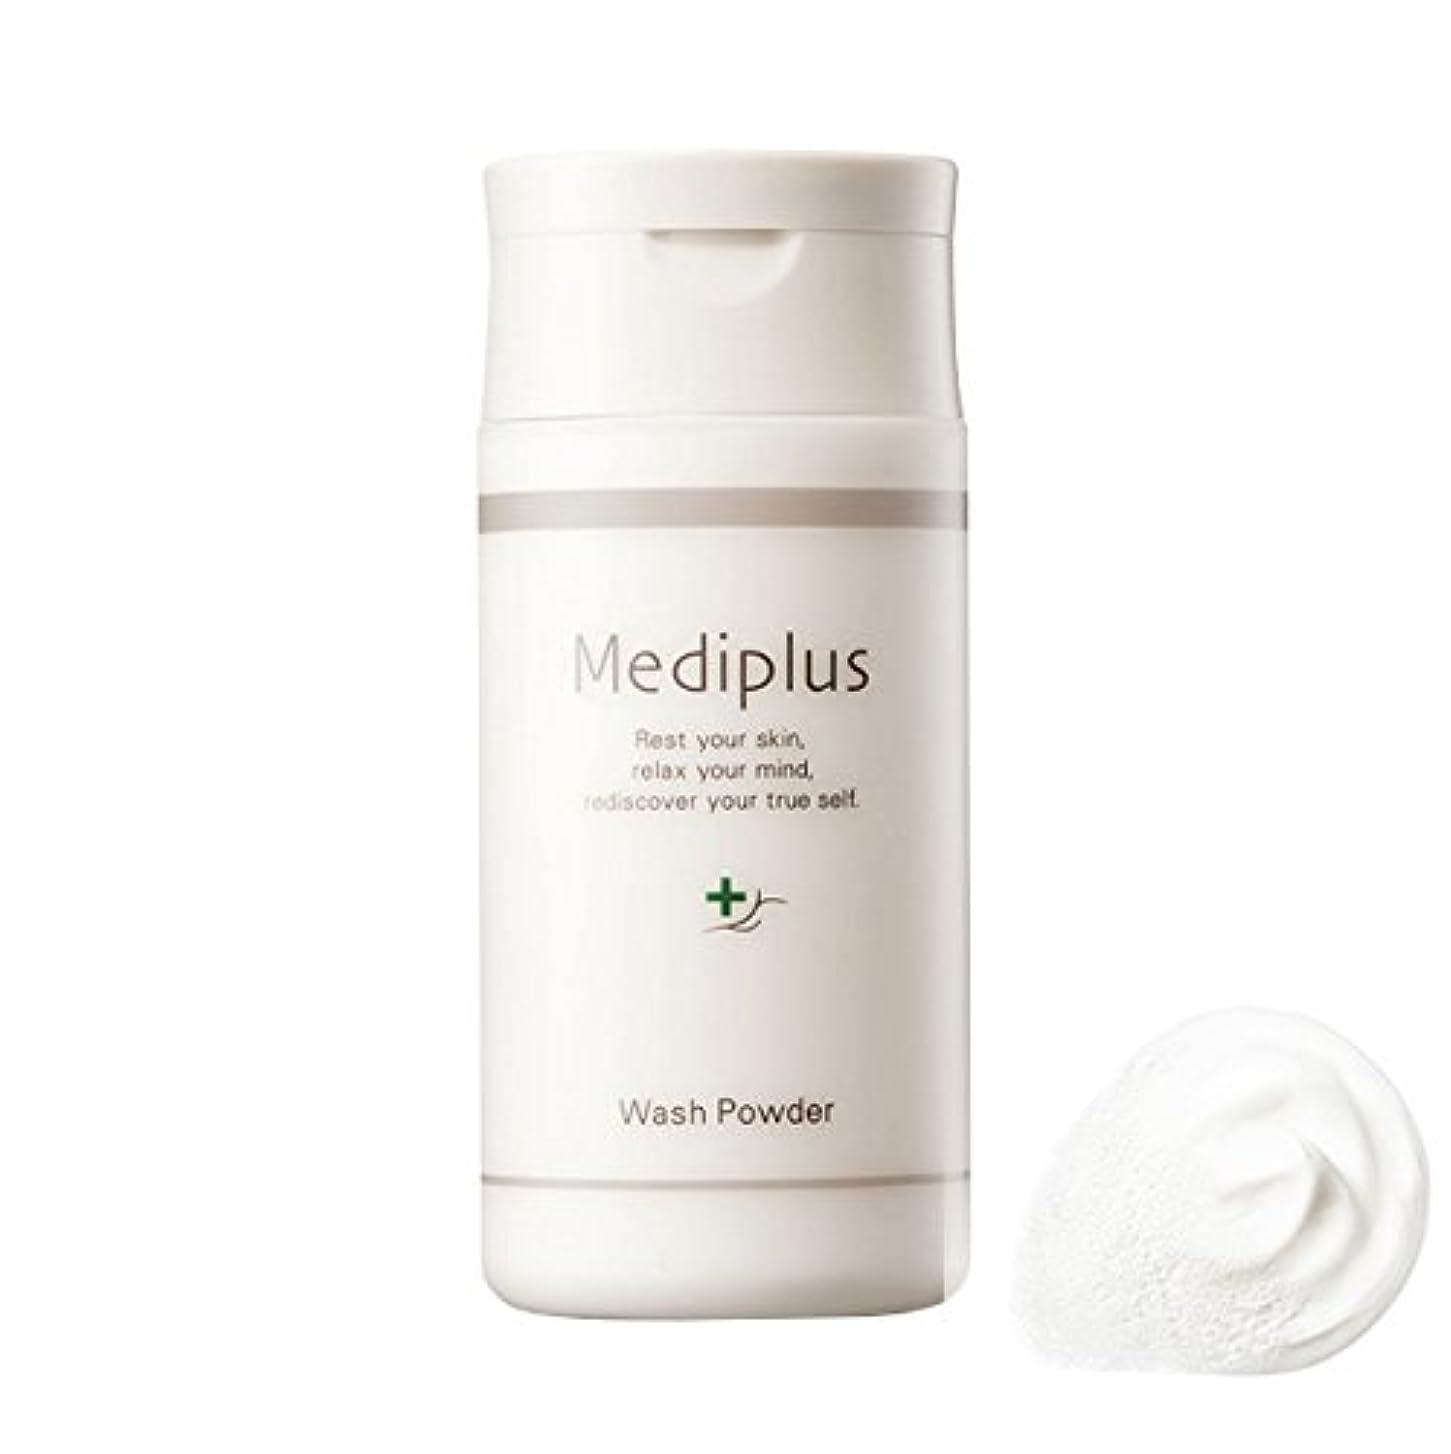 ジョージバーナード端末愛されし者【Mediplus+】 メディプラス 酵素洗顔料 ウォッシュパウダー 60g [ パパイン酵素 毛穴ケア ]